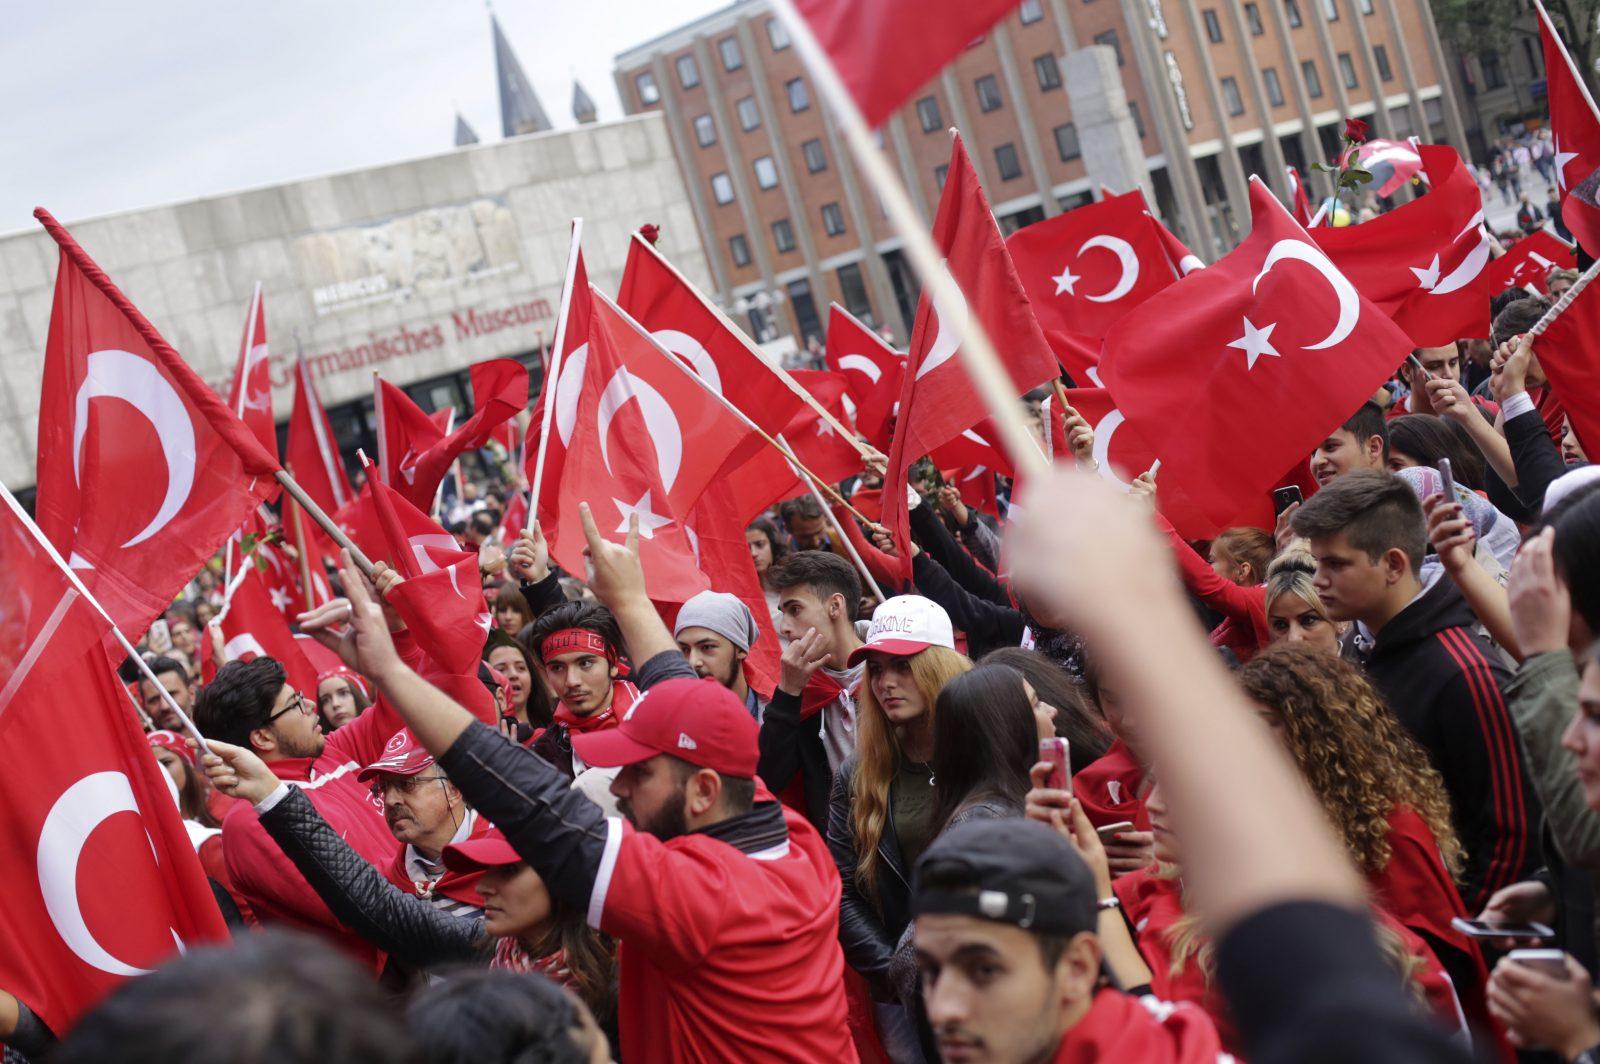 """Demonstration der türkisch-nationalistischen """"Grauen Wölfe"""" in Köln: Politiker mehrerer Parteien sprechen sich für ein Verbot der Gruppierung in Deutschland aus"""